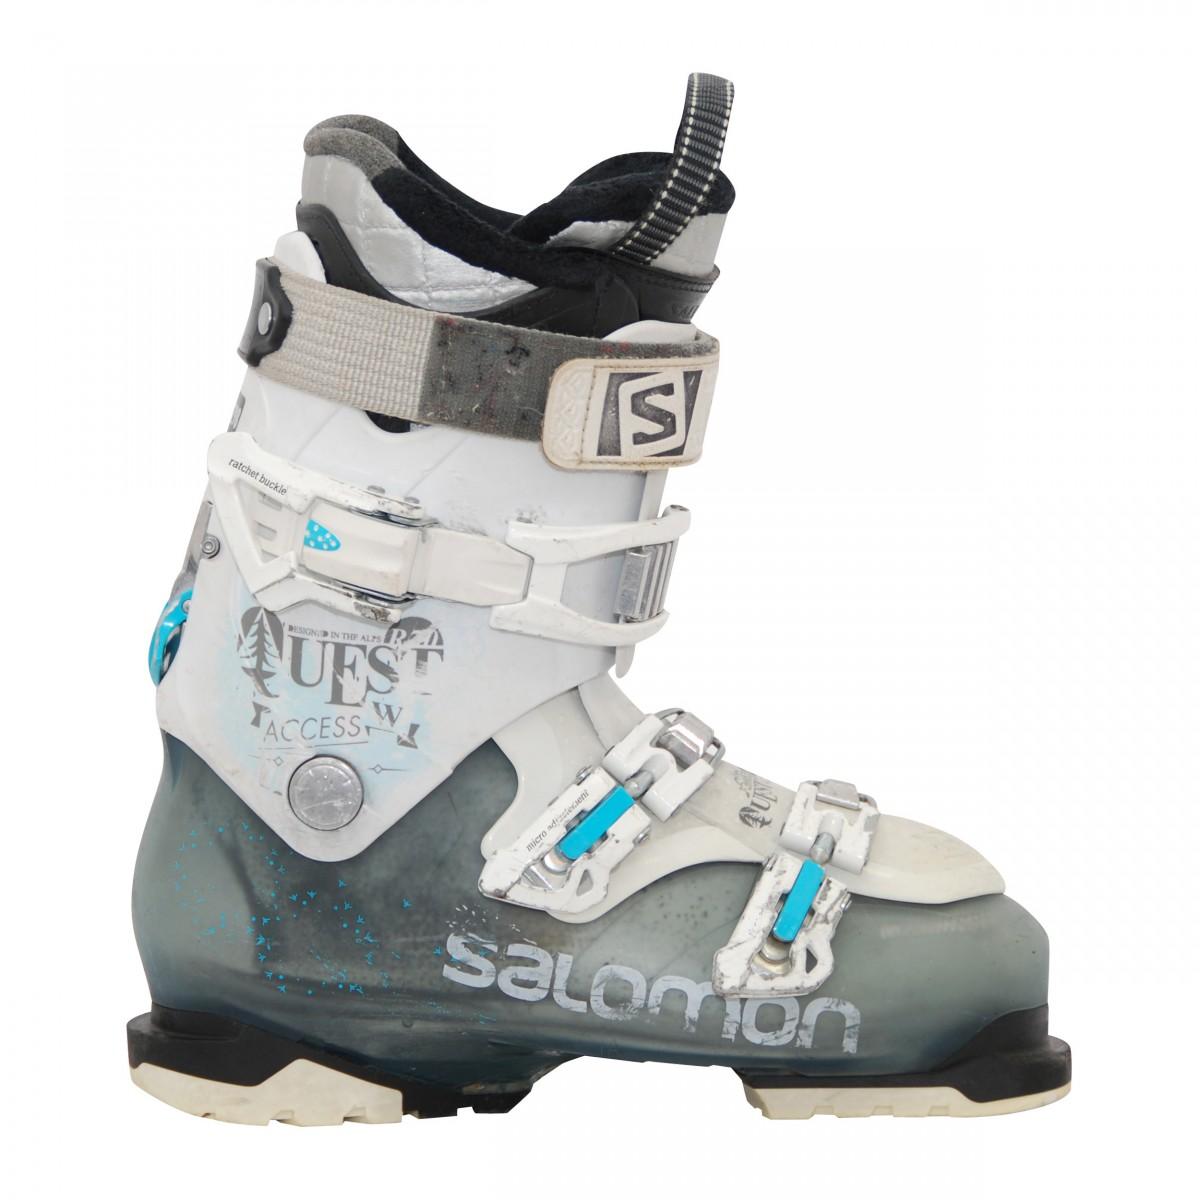 Salomon QUEST ACCESS 90 chaussures de ski d'occasion